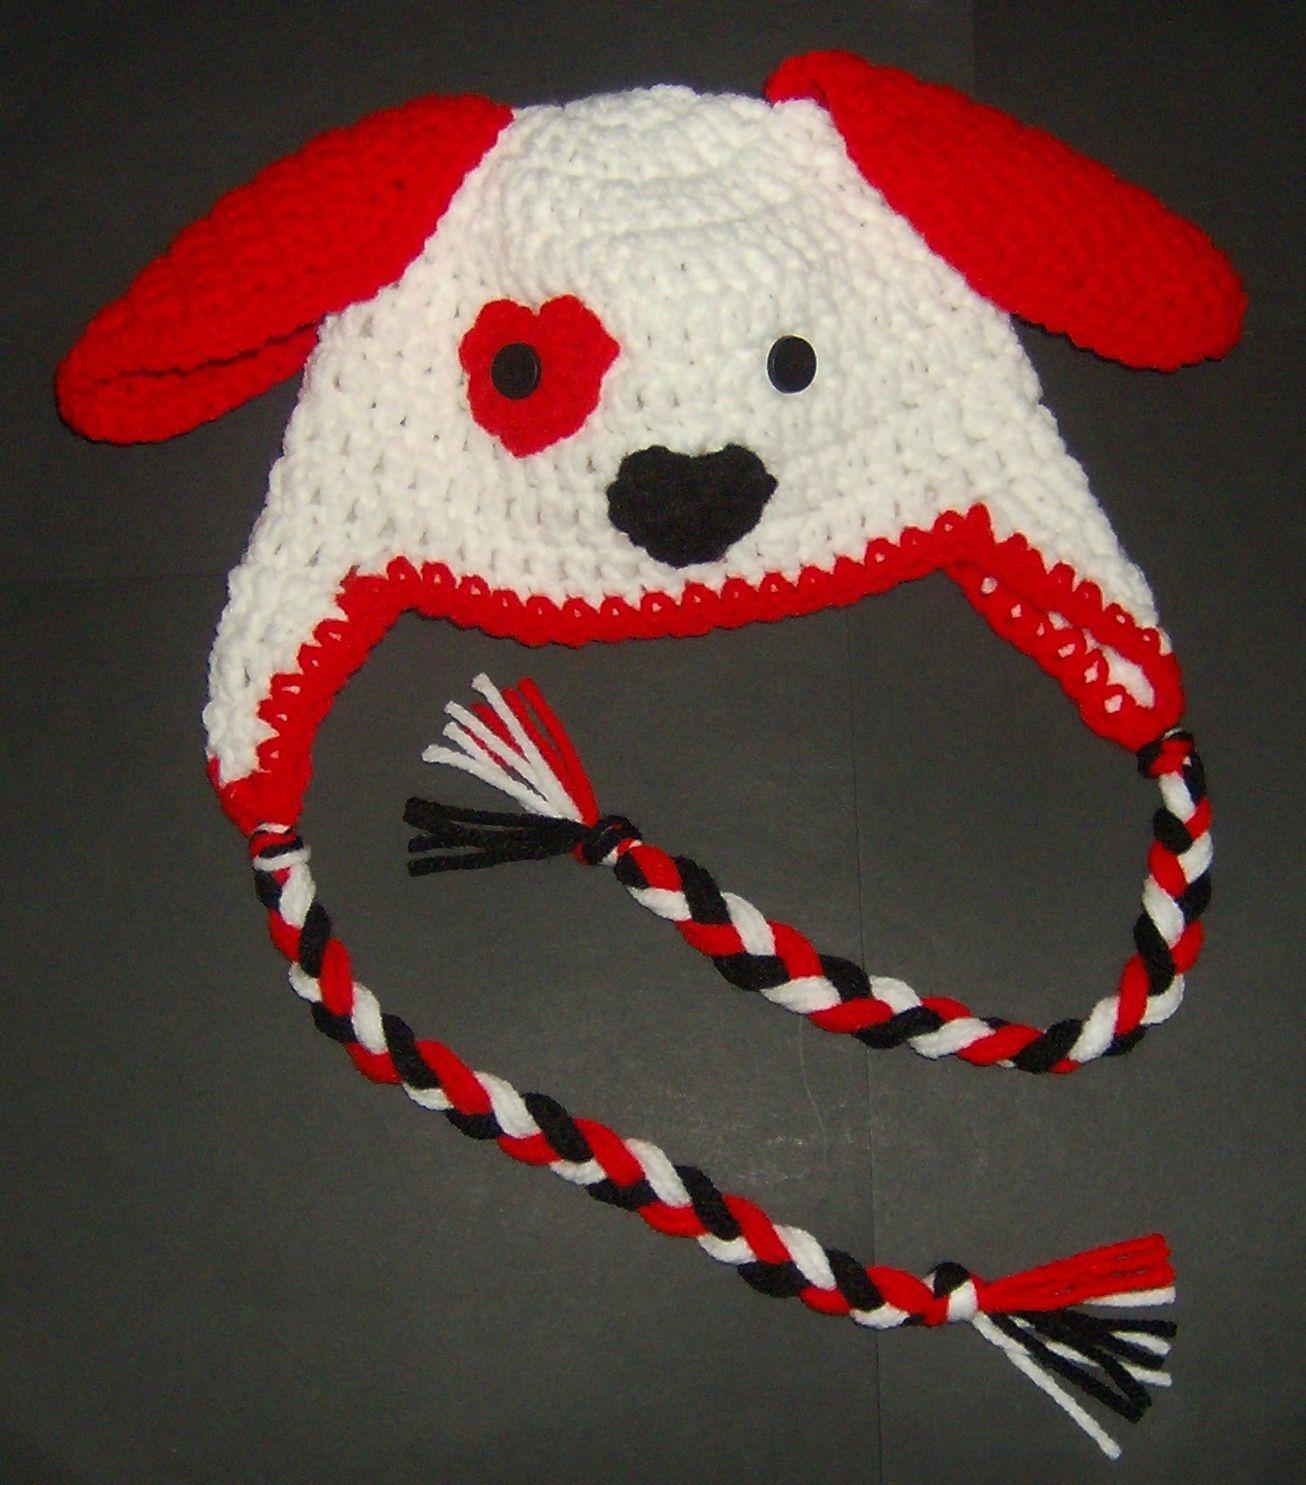 Crochet puppy hat red no pattern crochet hats headbands crochet crochet puppy hat red no pattern bankloansurffo Gallery